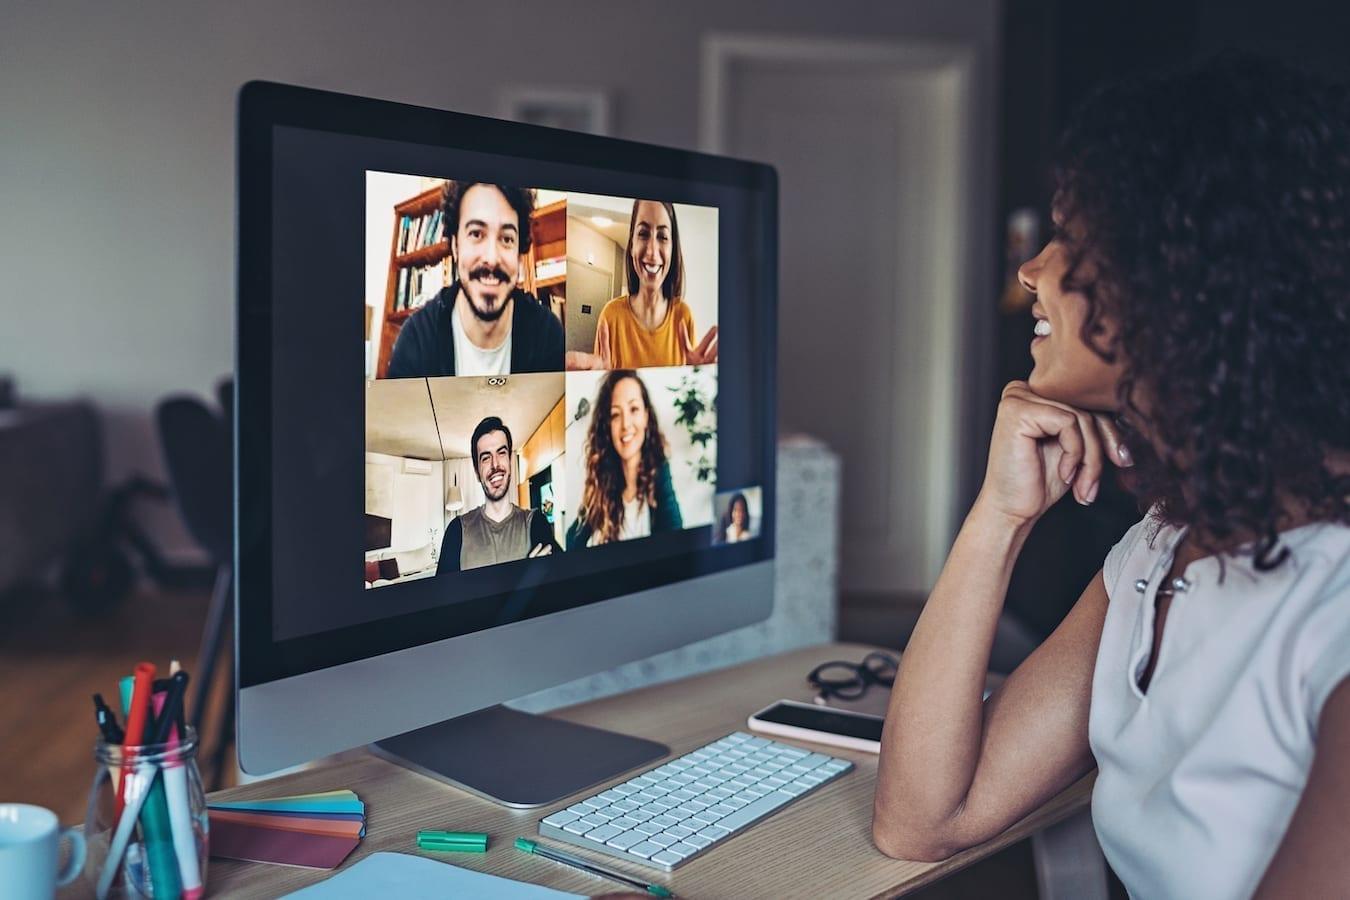 Comment réseauter et exercer son influence à l'ère du télétravail?